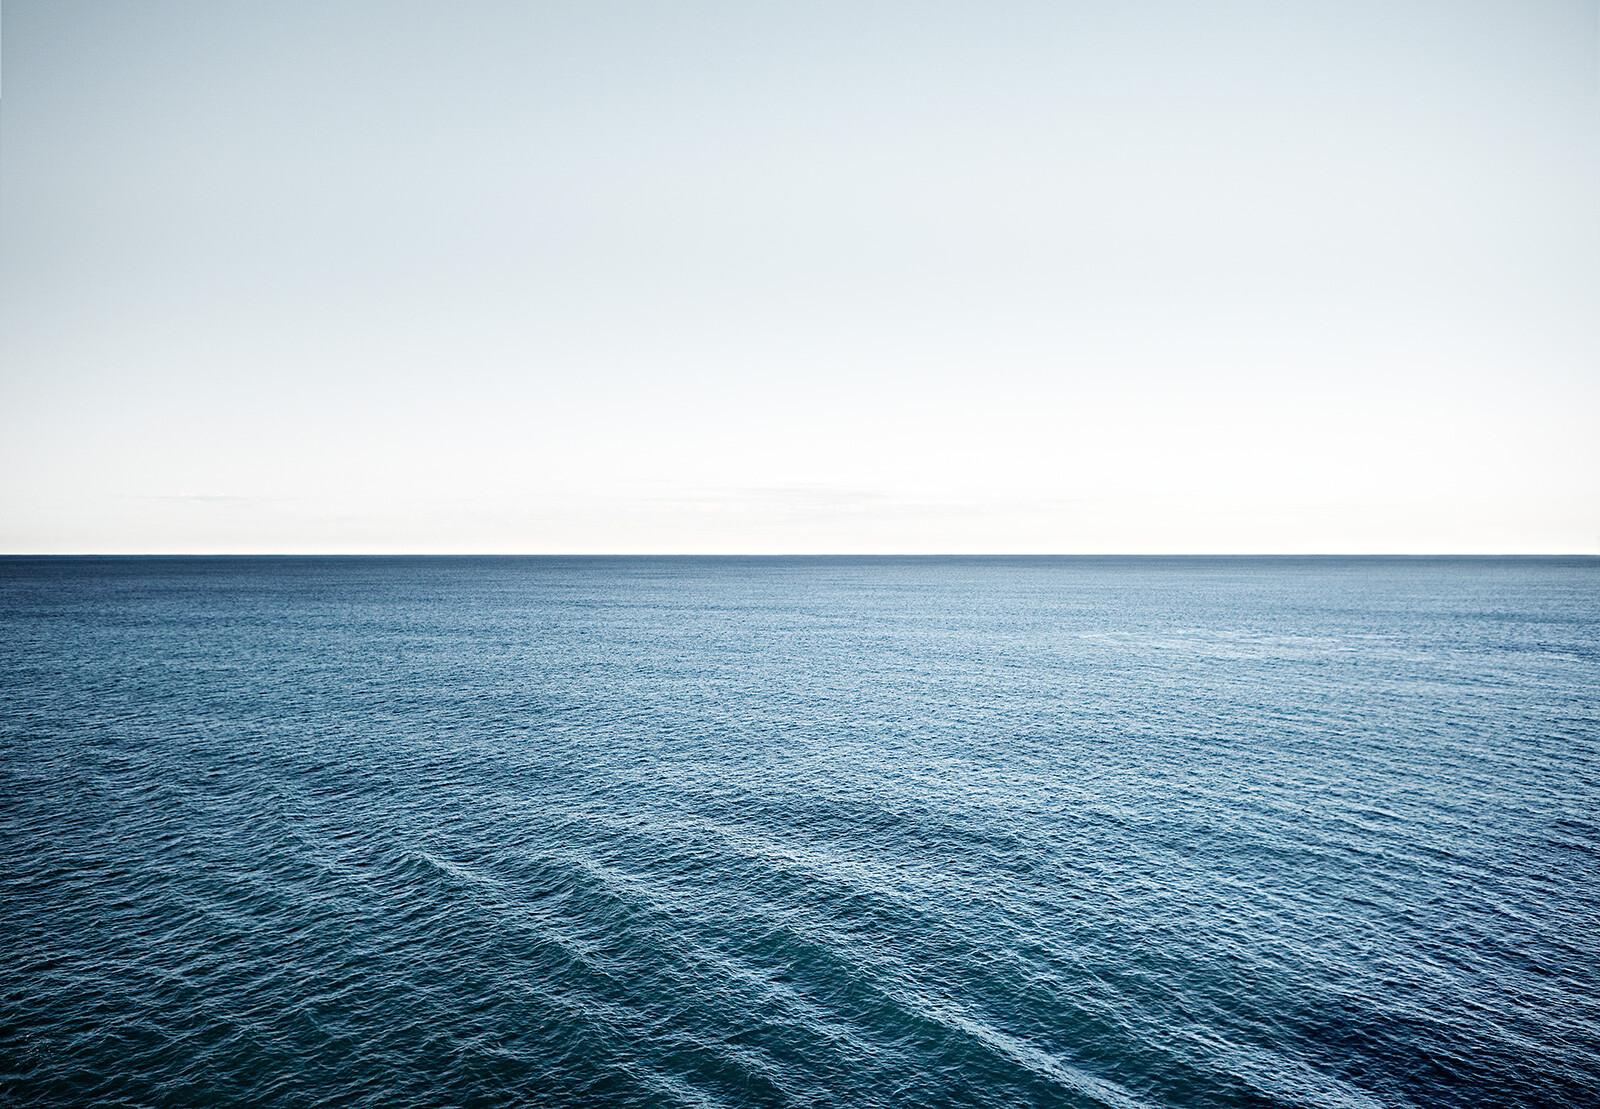 sea #11 - Wolfgang Uhlig